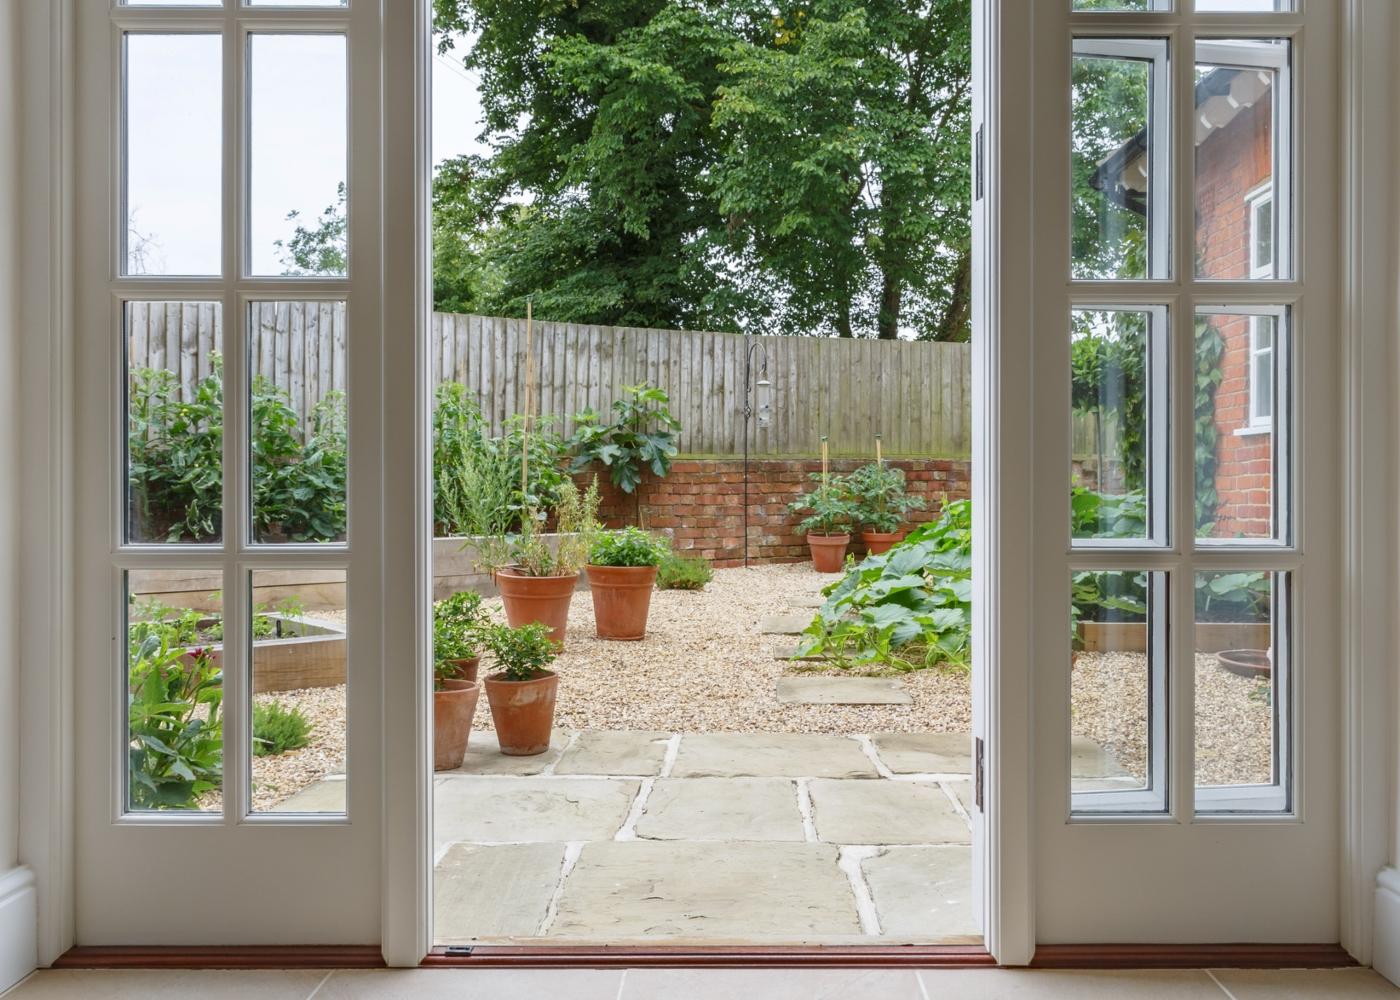 porta de casa a dar para jardim com horta